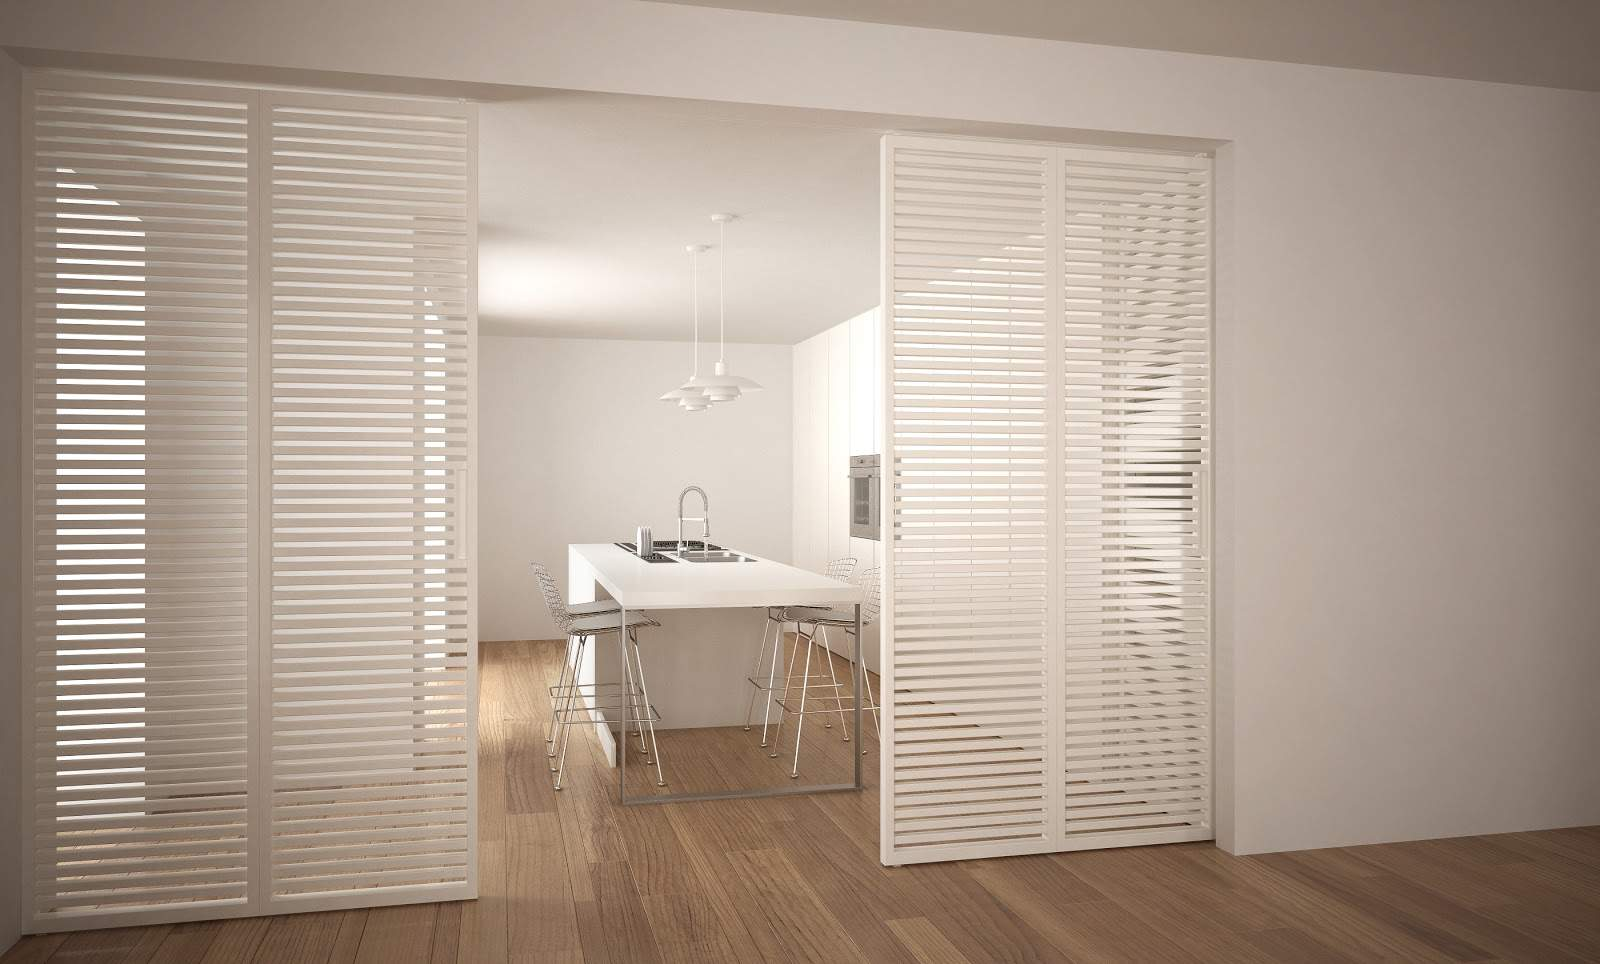 Hliníkové dvere a sklenené priečky: 3 tipy pre praktickú domácnosť